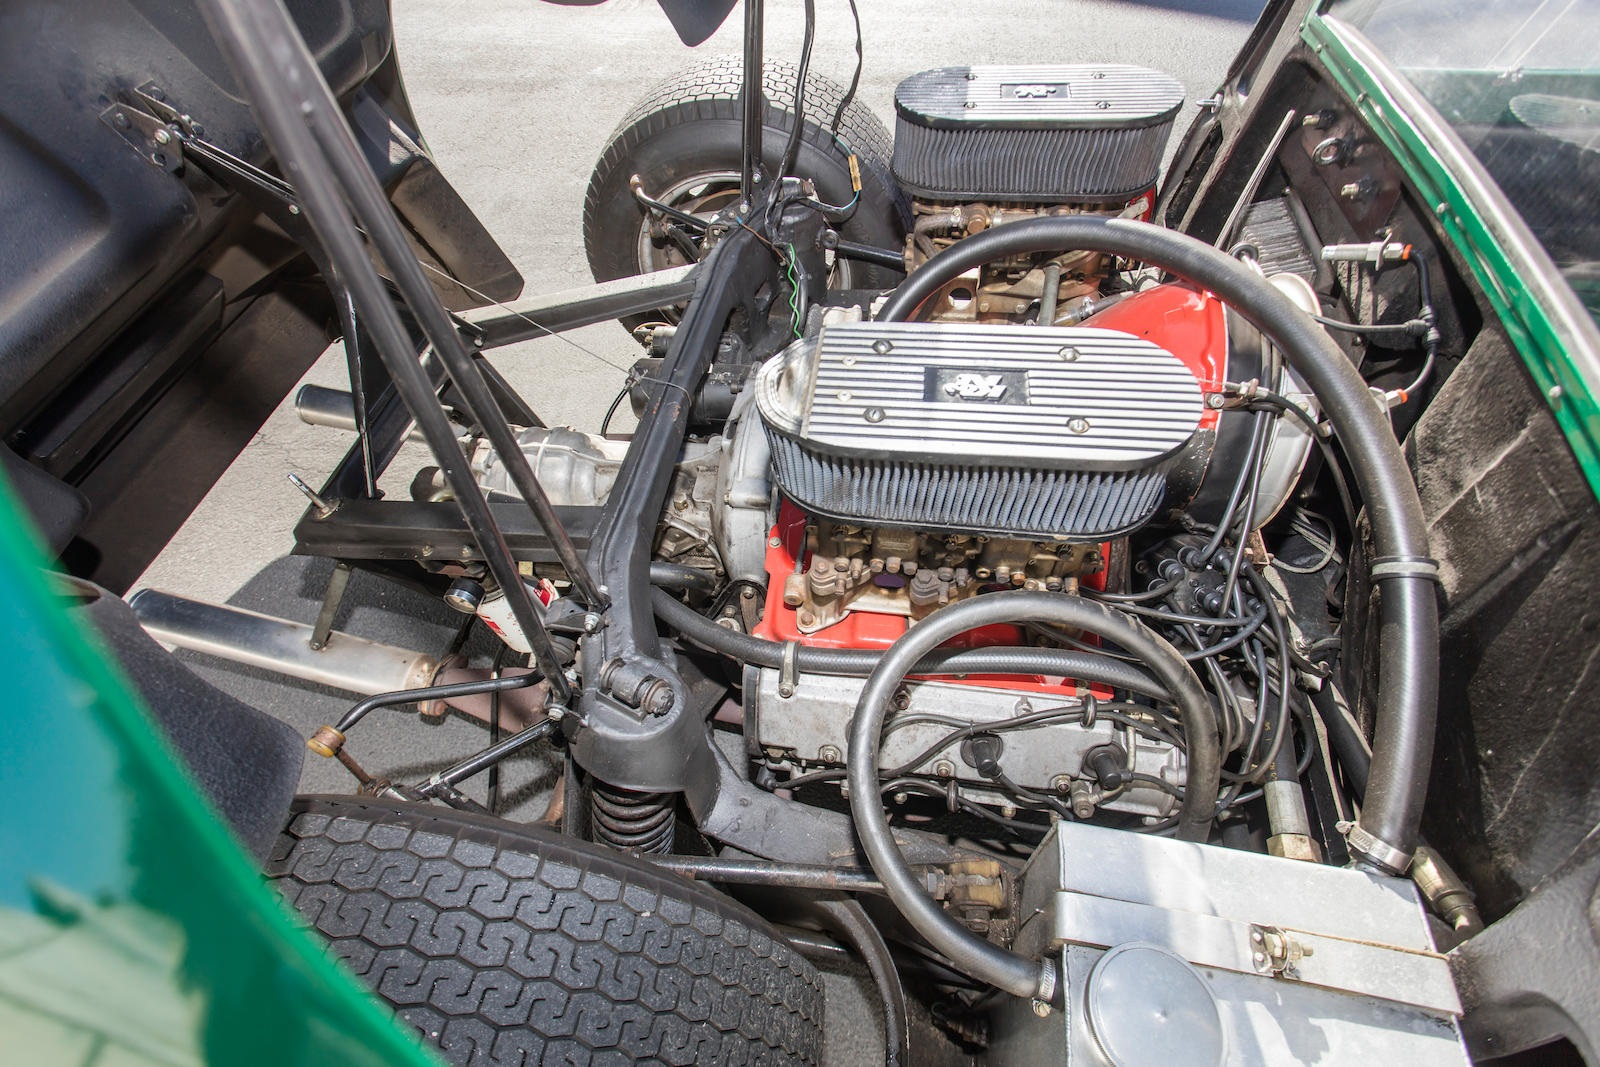 1964 Porsche 904 GTS engine